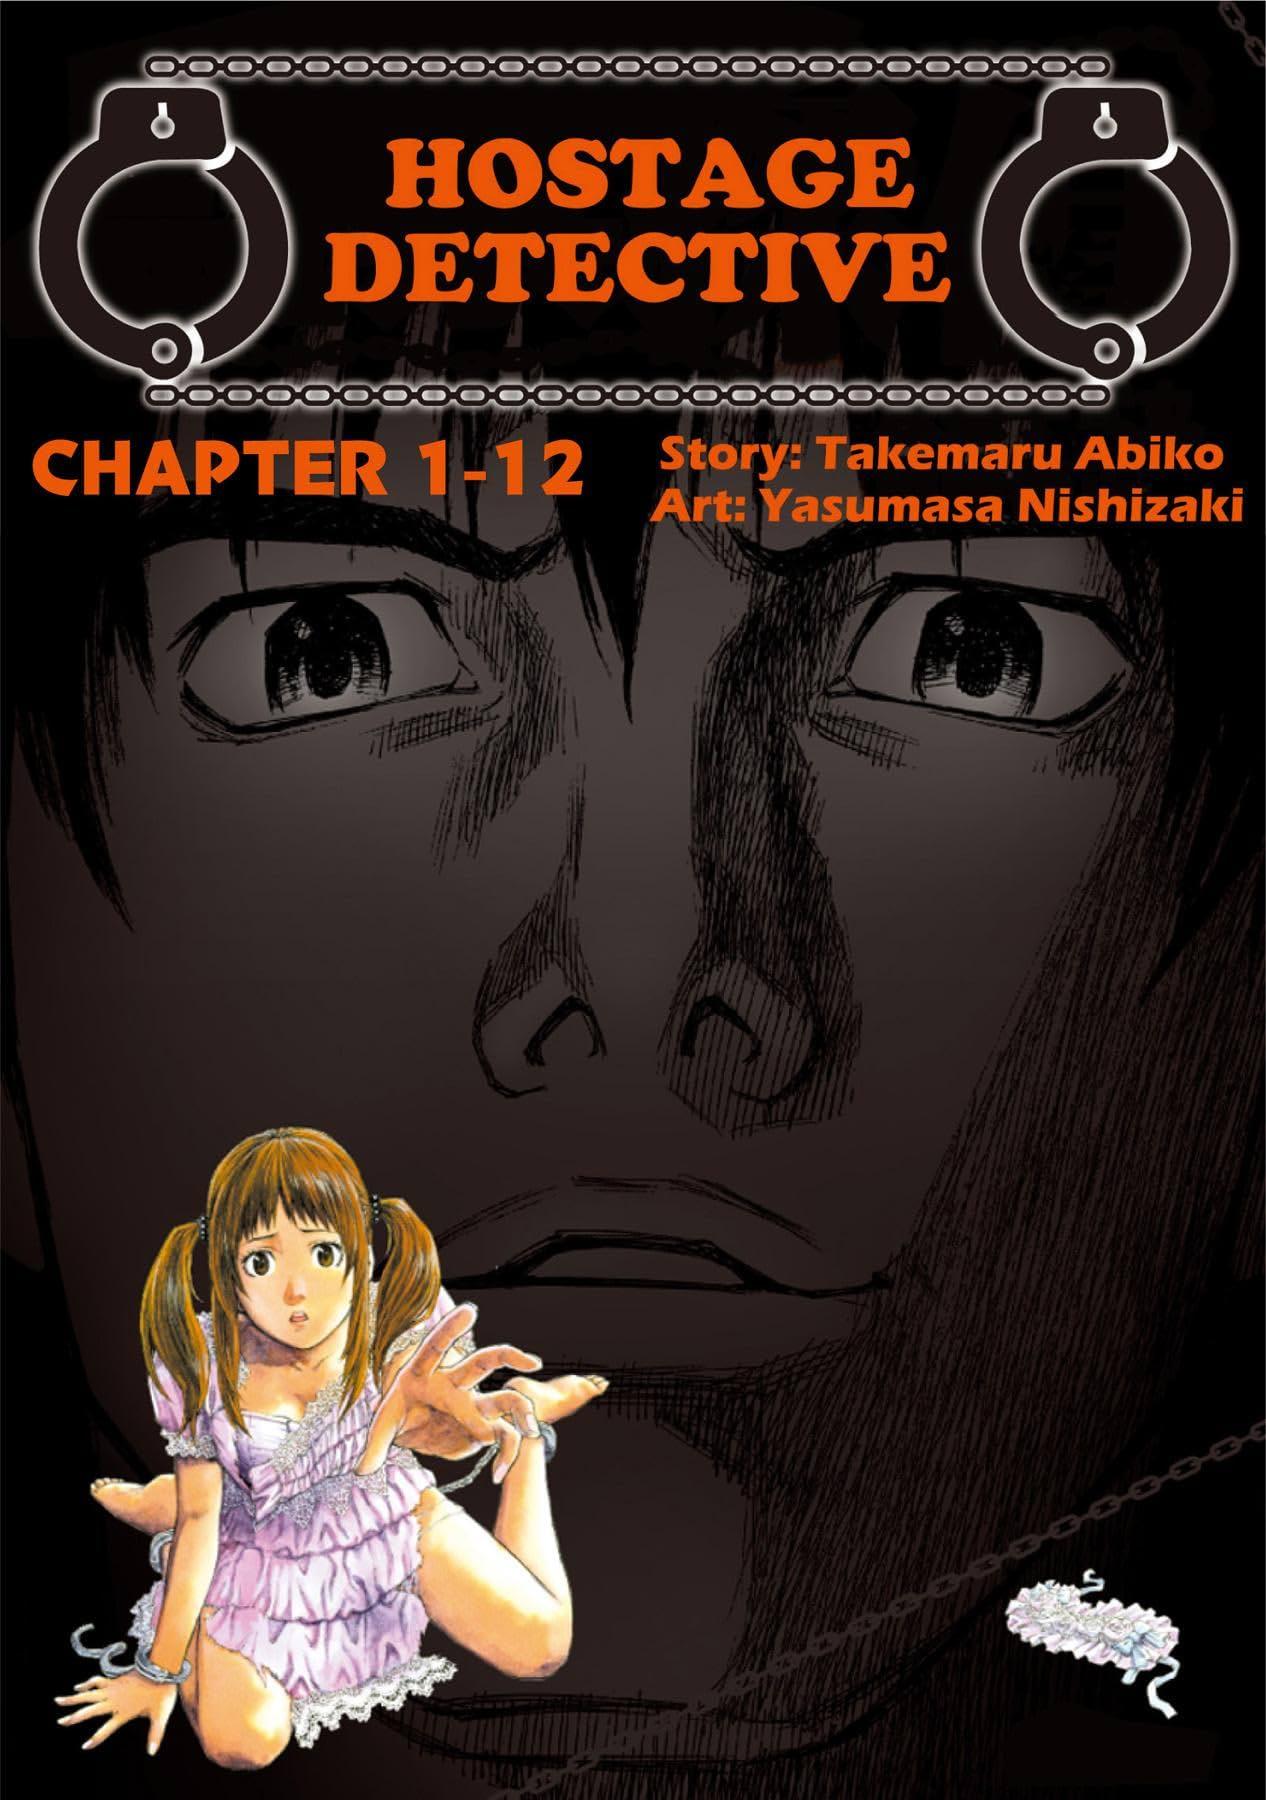 HOSTAGE DETECTIVE #12